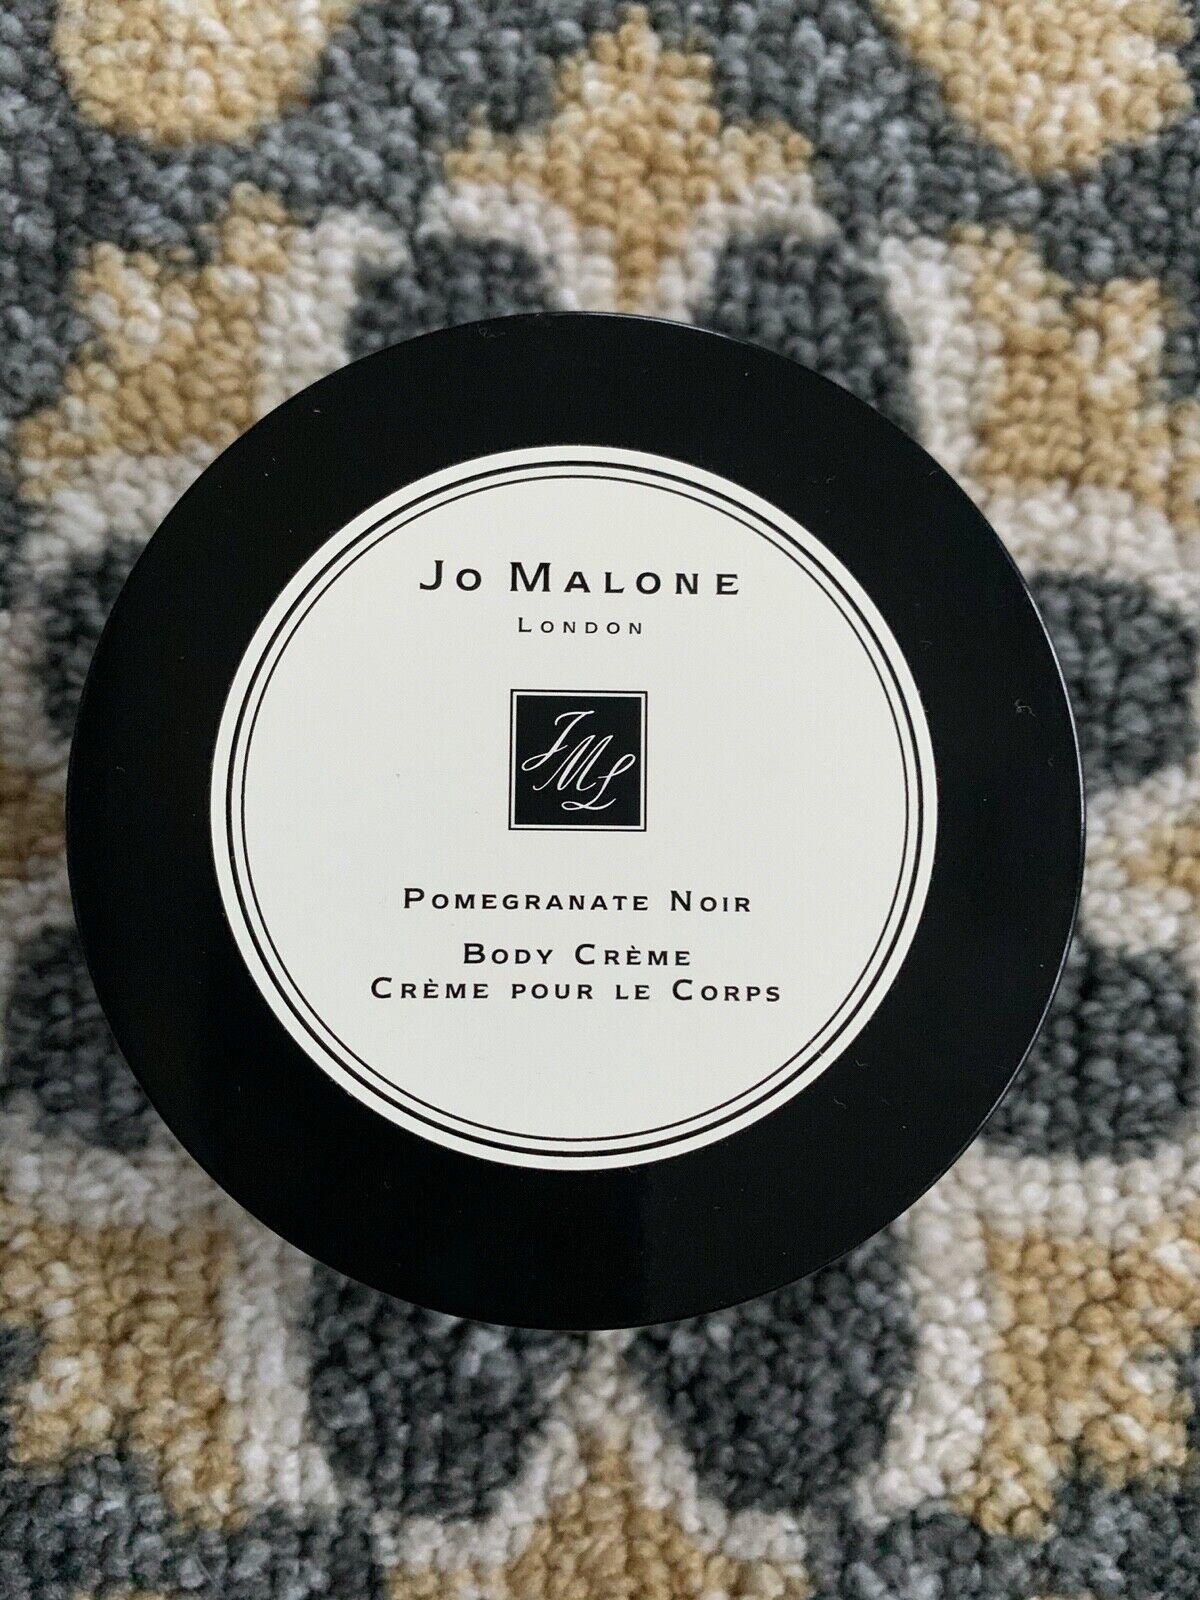 shop discount Jo Malone London Pomegranate Noir Body Creme 5.9 Oz ...